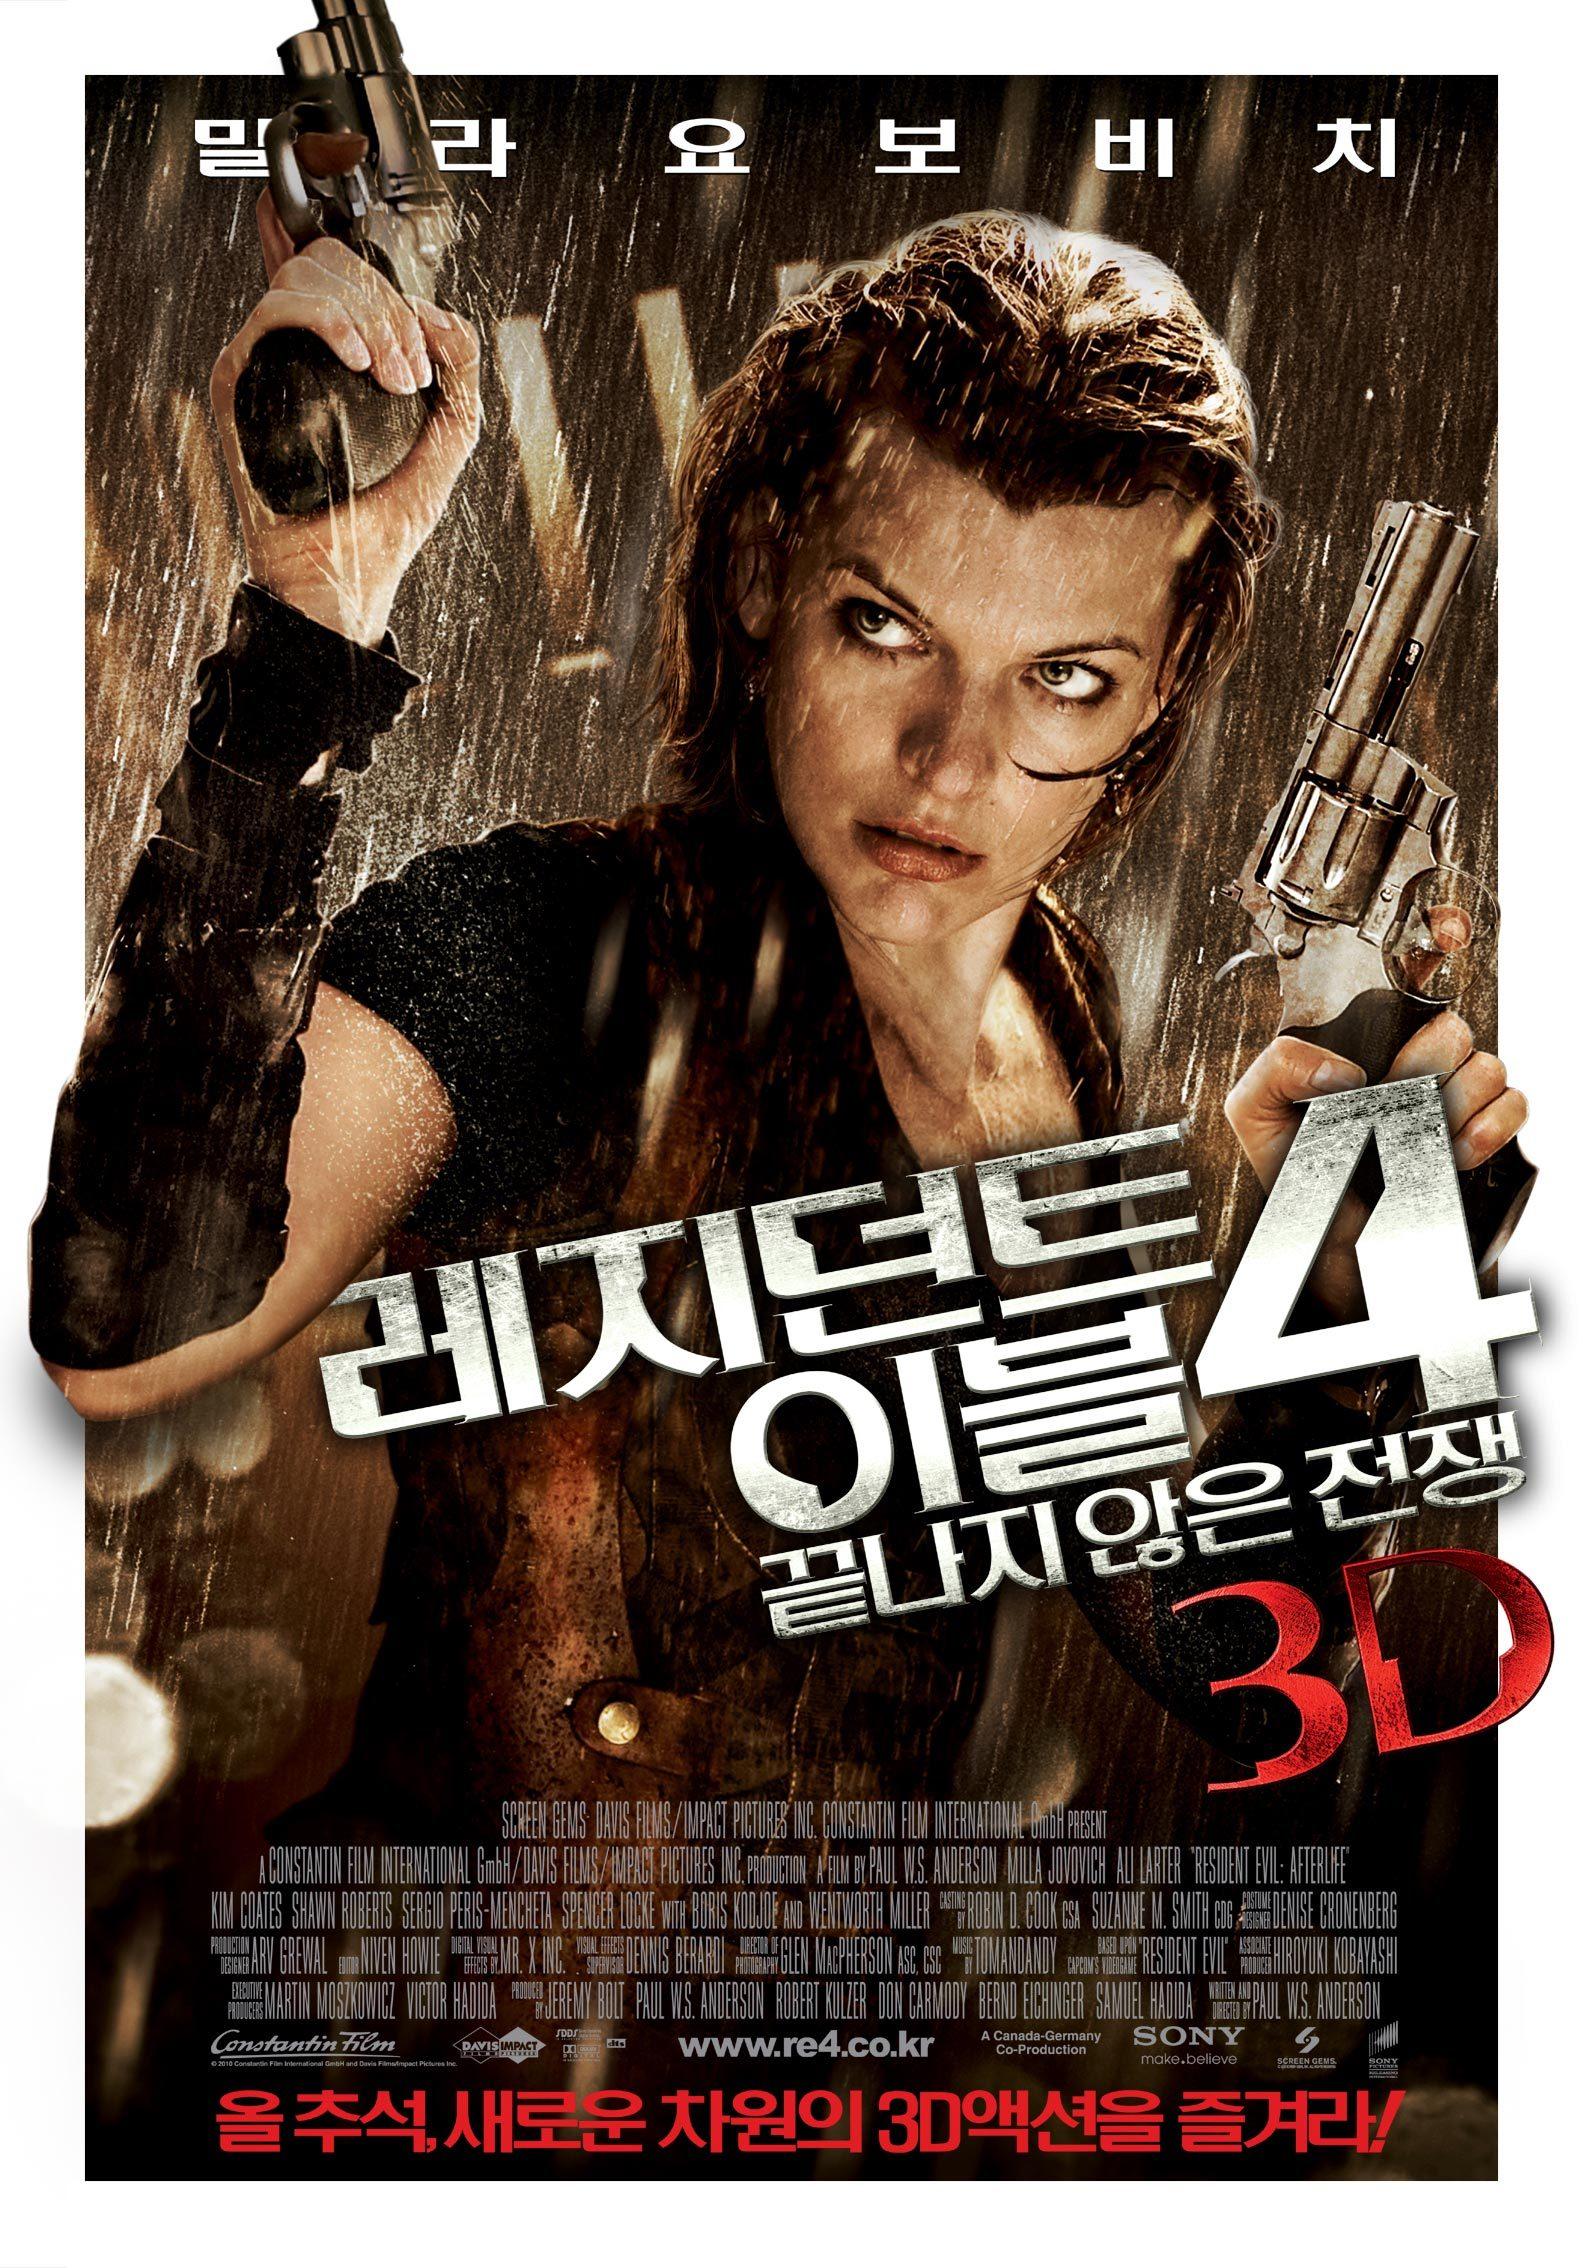 레지던트 이블 4 : 끝나지 않은 전쟁 3D